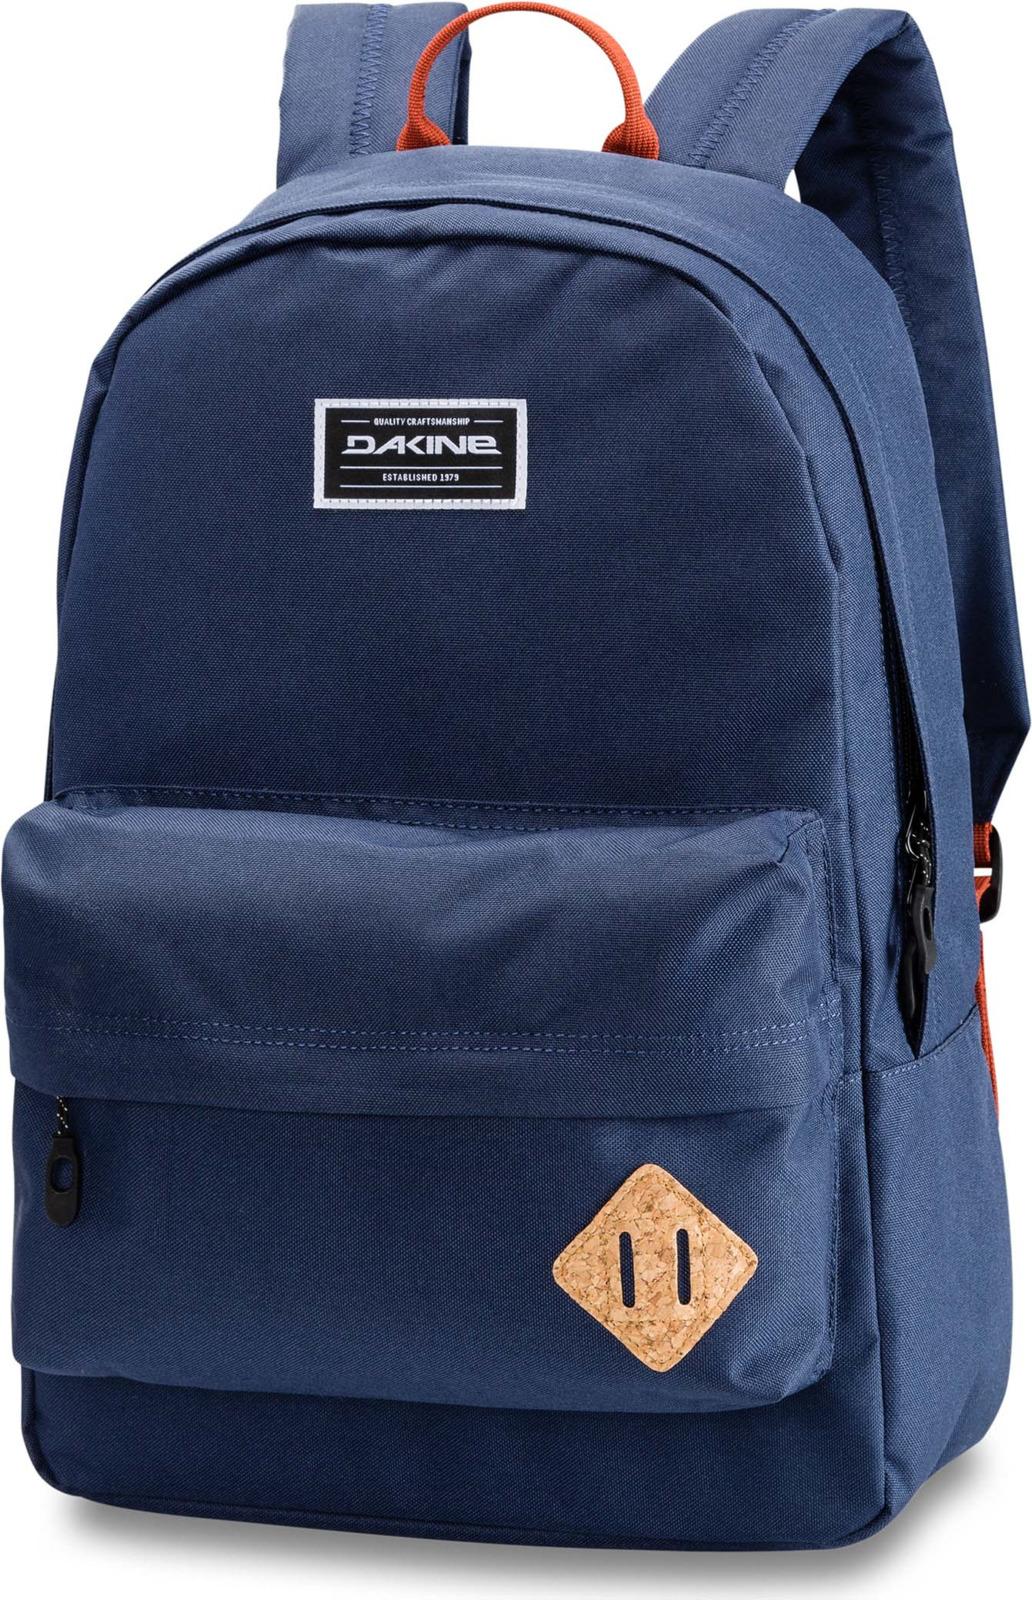 Рюкзак Dakine 365 Pack, цвет: темно-синий, 21 л dakine рюкзак dakine dk 365 dewilde 21 л